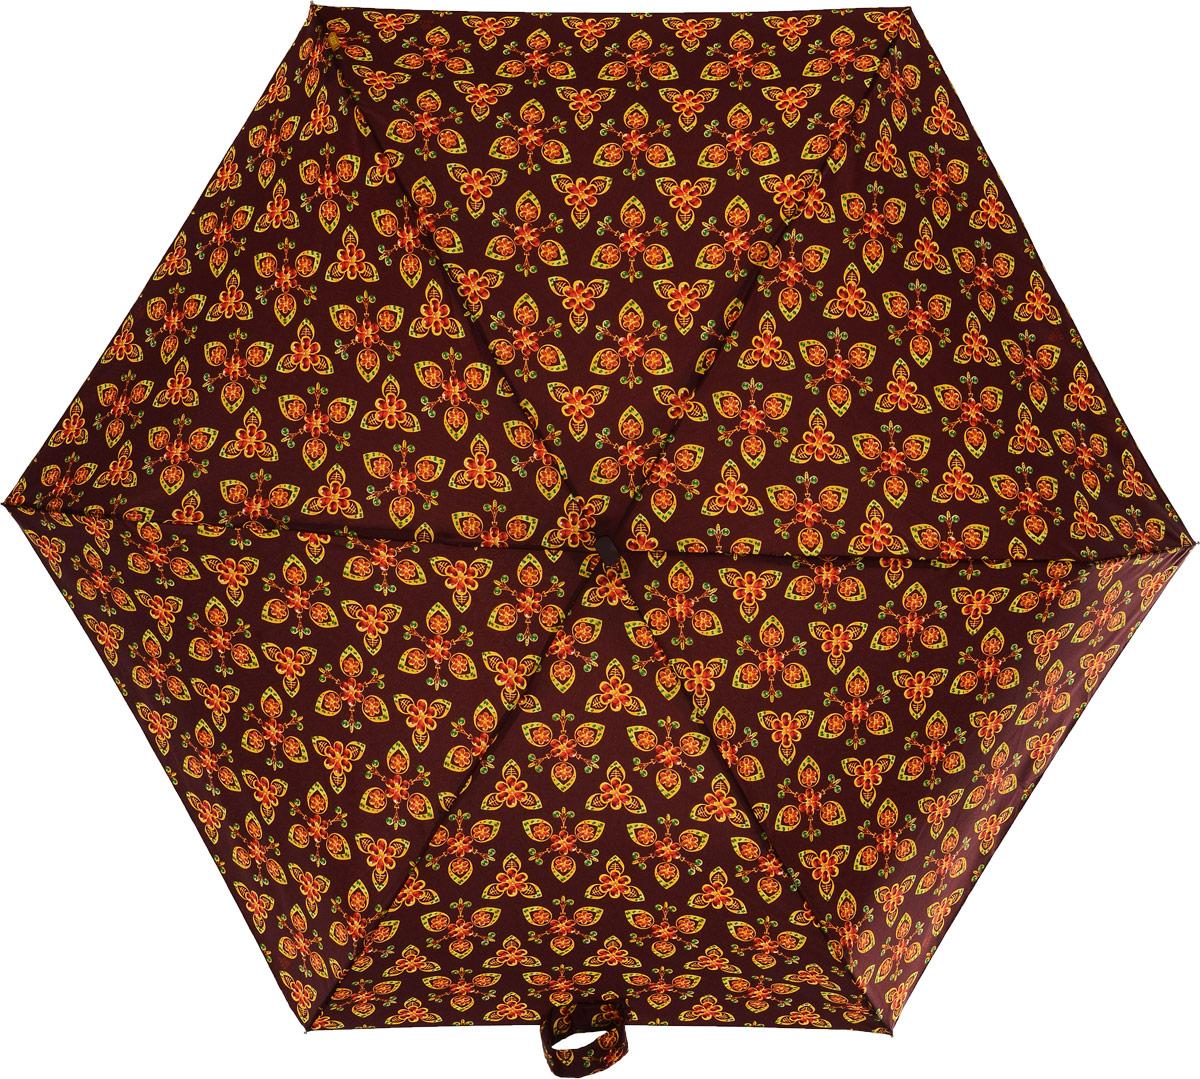 Зонт женский Zest, механический, 5 сложений, цвет: бордовый, оранжевый, желтый, зеленый. 25518-65425518-654Невероятно компактный и легкий зонт Zest имеет 5 сложений. Модель зонта складывается и раскладывается механически. Удобная ручка выполнена из пластика с прорезиненным нанесением, приятна на ощупь. В сложенном состоянии зонт занимает очень мало места, и его удобно будет носить с собой даже в маленькой сумочке. К зонту прилагается чехол.